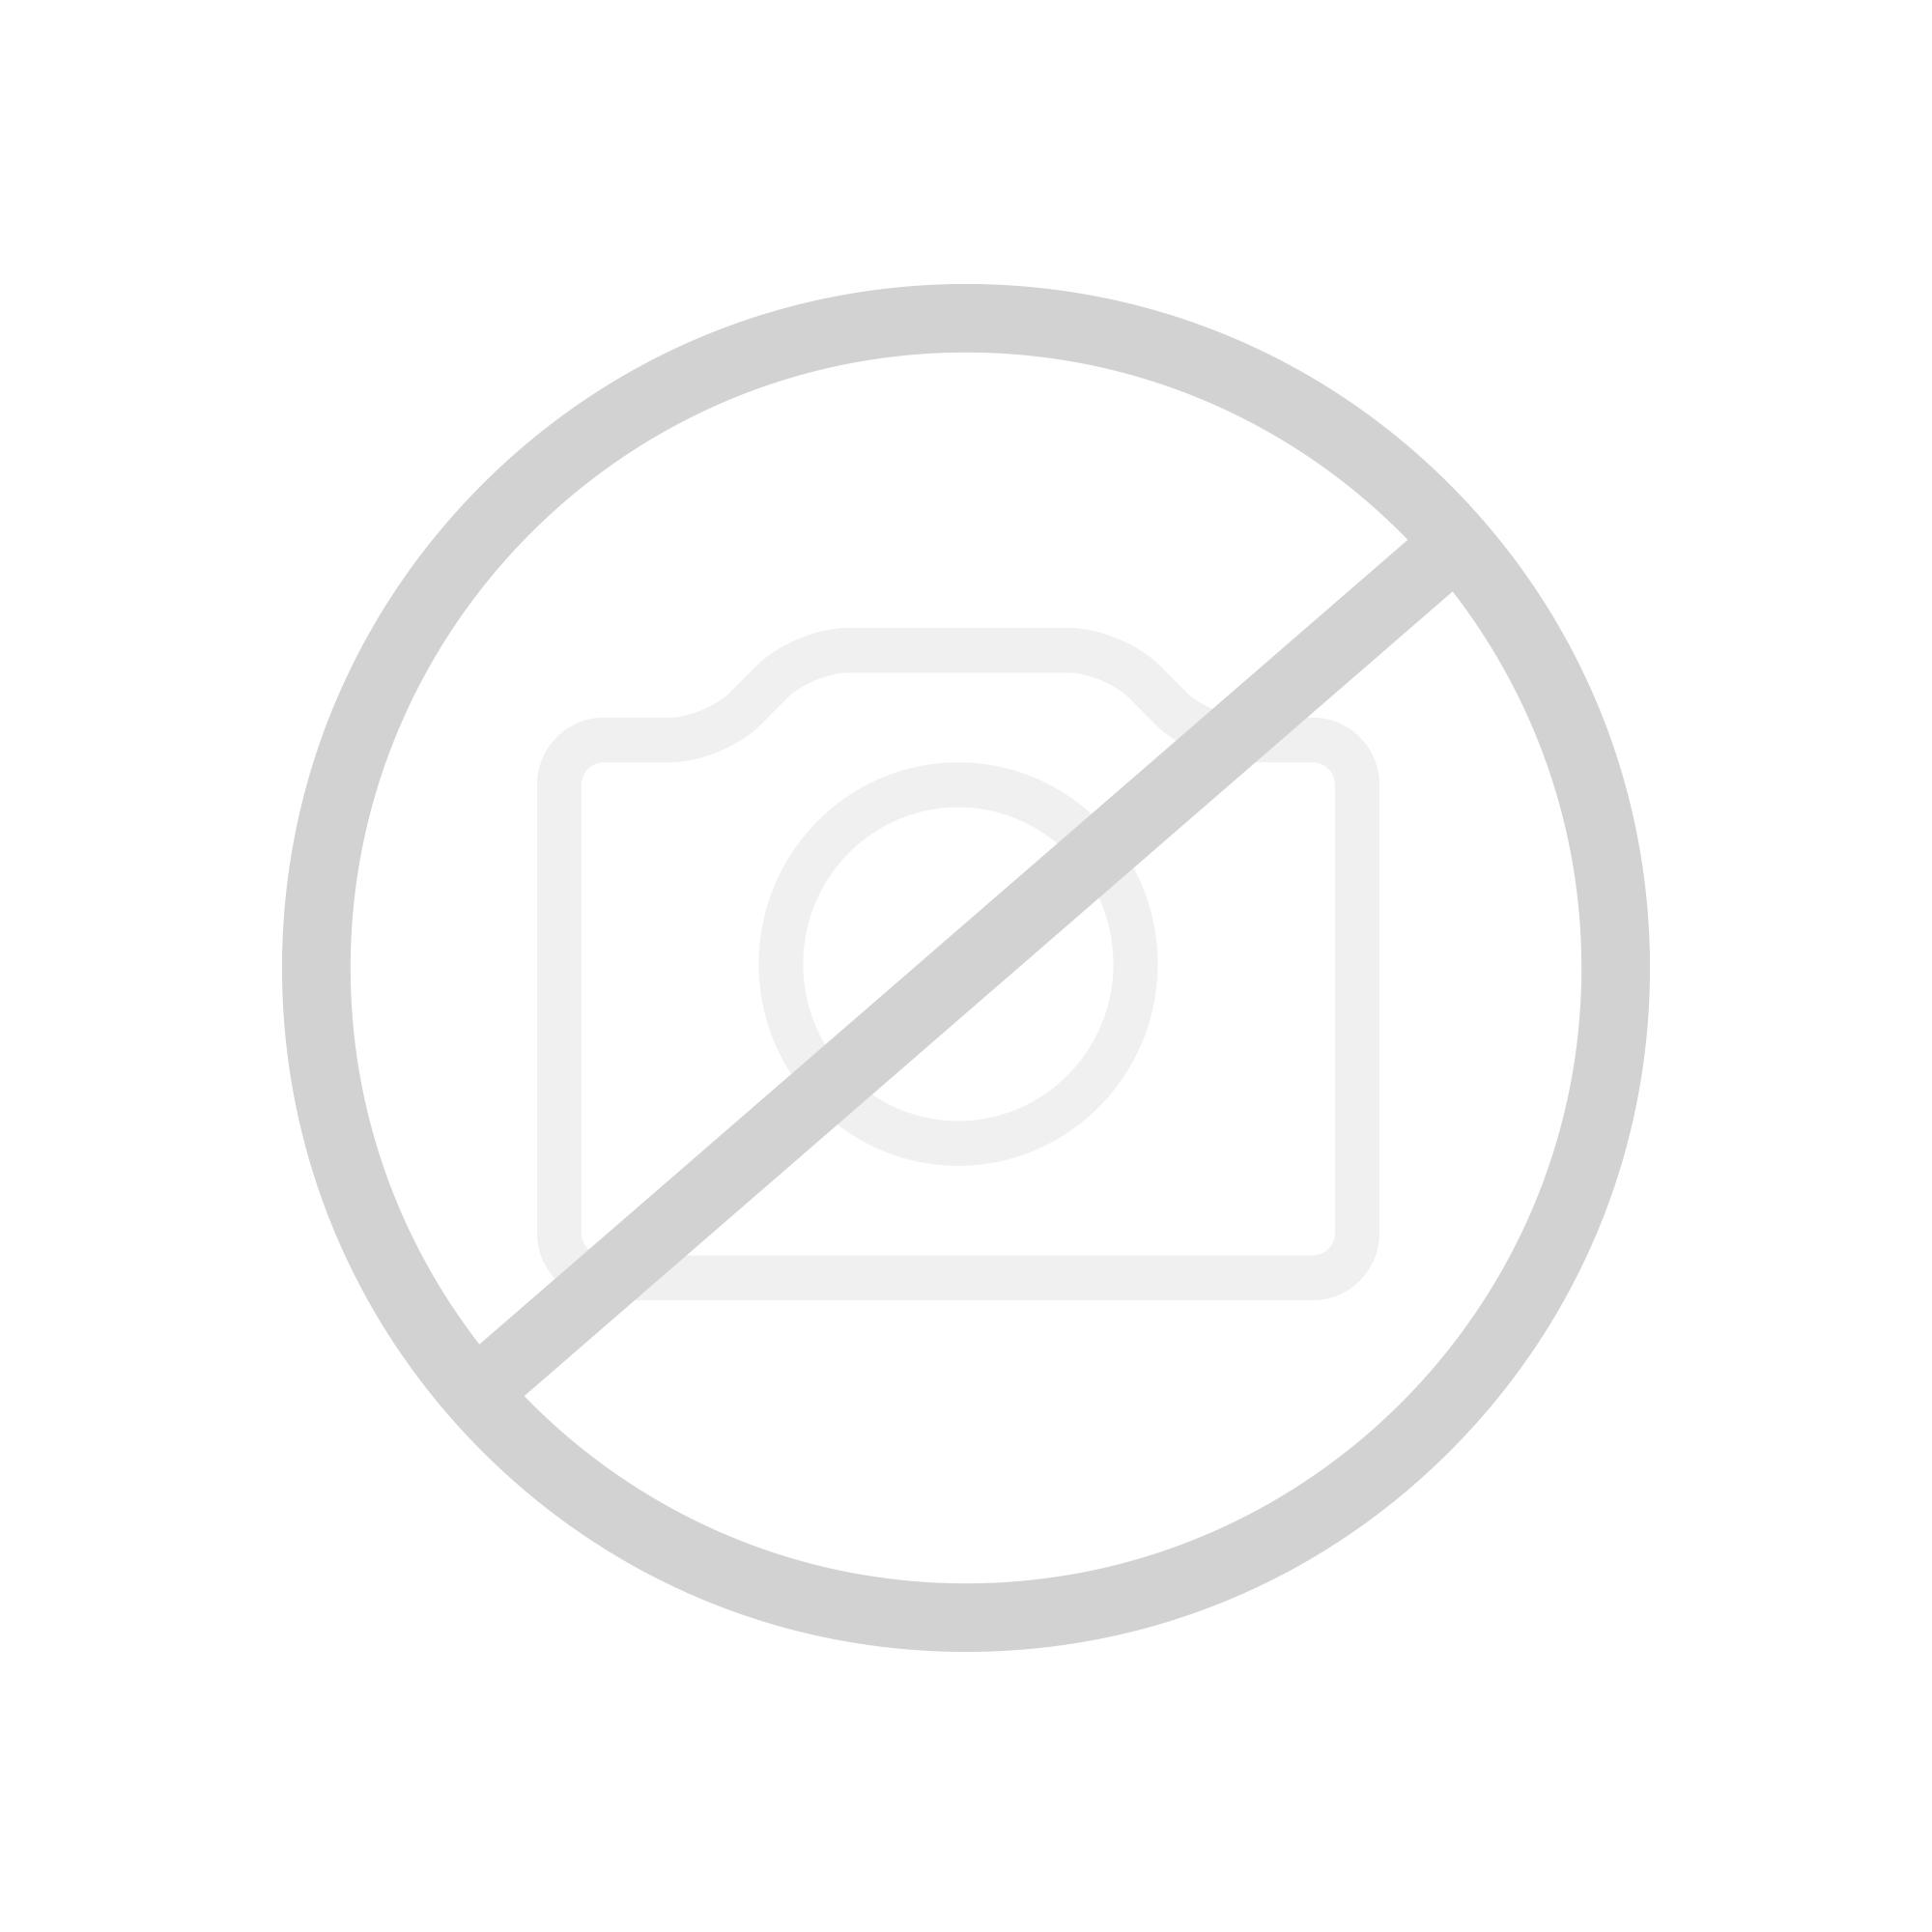 Spiegelschrank für Bad oder Gäste-WC kaufen bei REUTER | {Spiegelschrank bad mit beleuchtung 9}